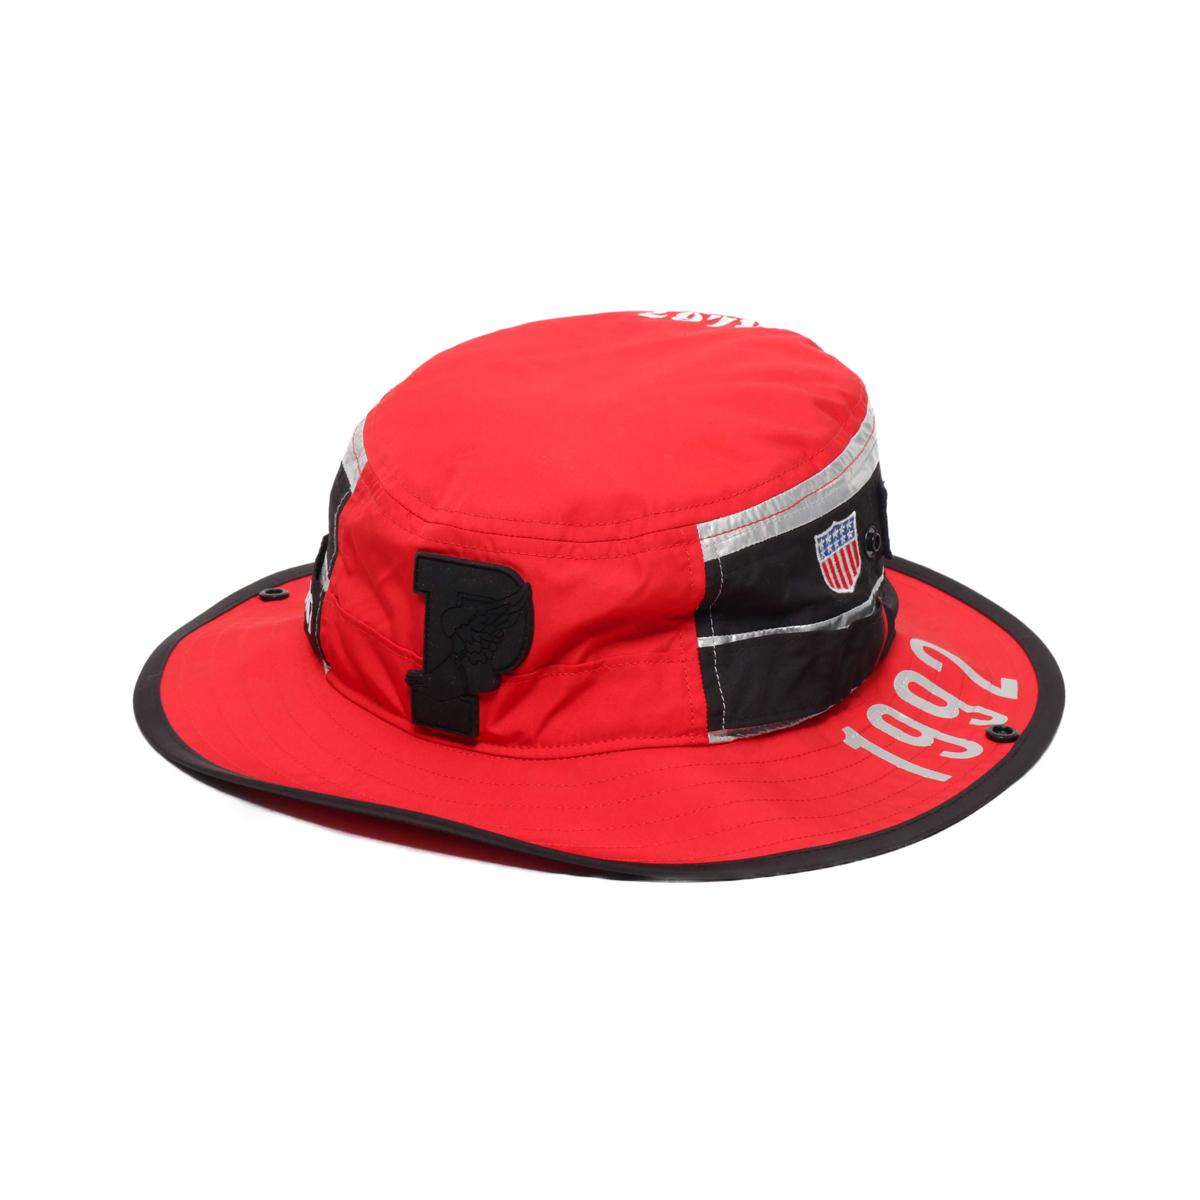 【エントリーで全品10倍】POLO RALPH LAUREN BOONEY CAP-HAT(ポロ ラルフ ブーニー ハット)RED MULTI【メンズ ハット】18HO-I